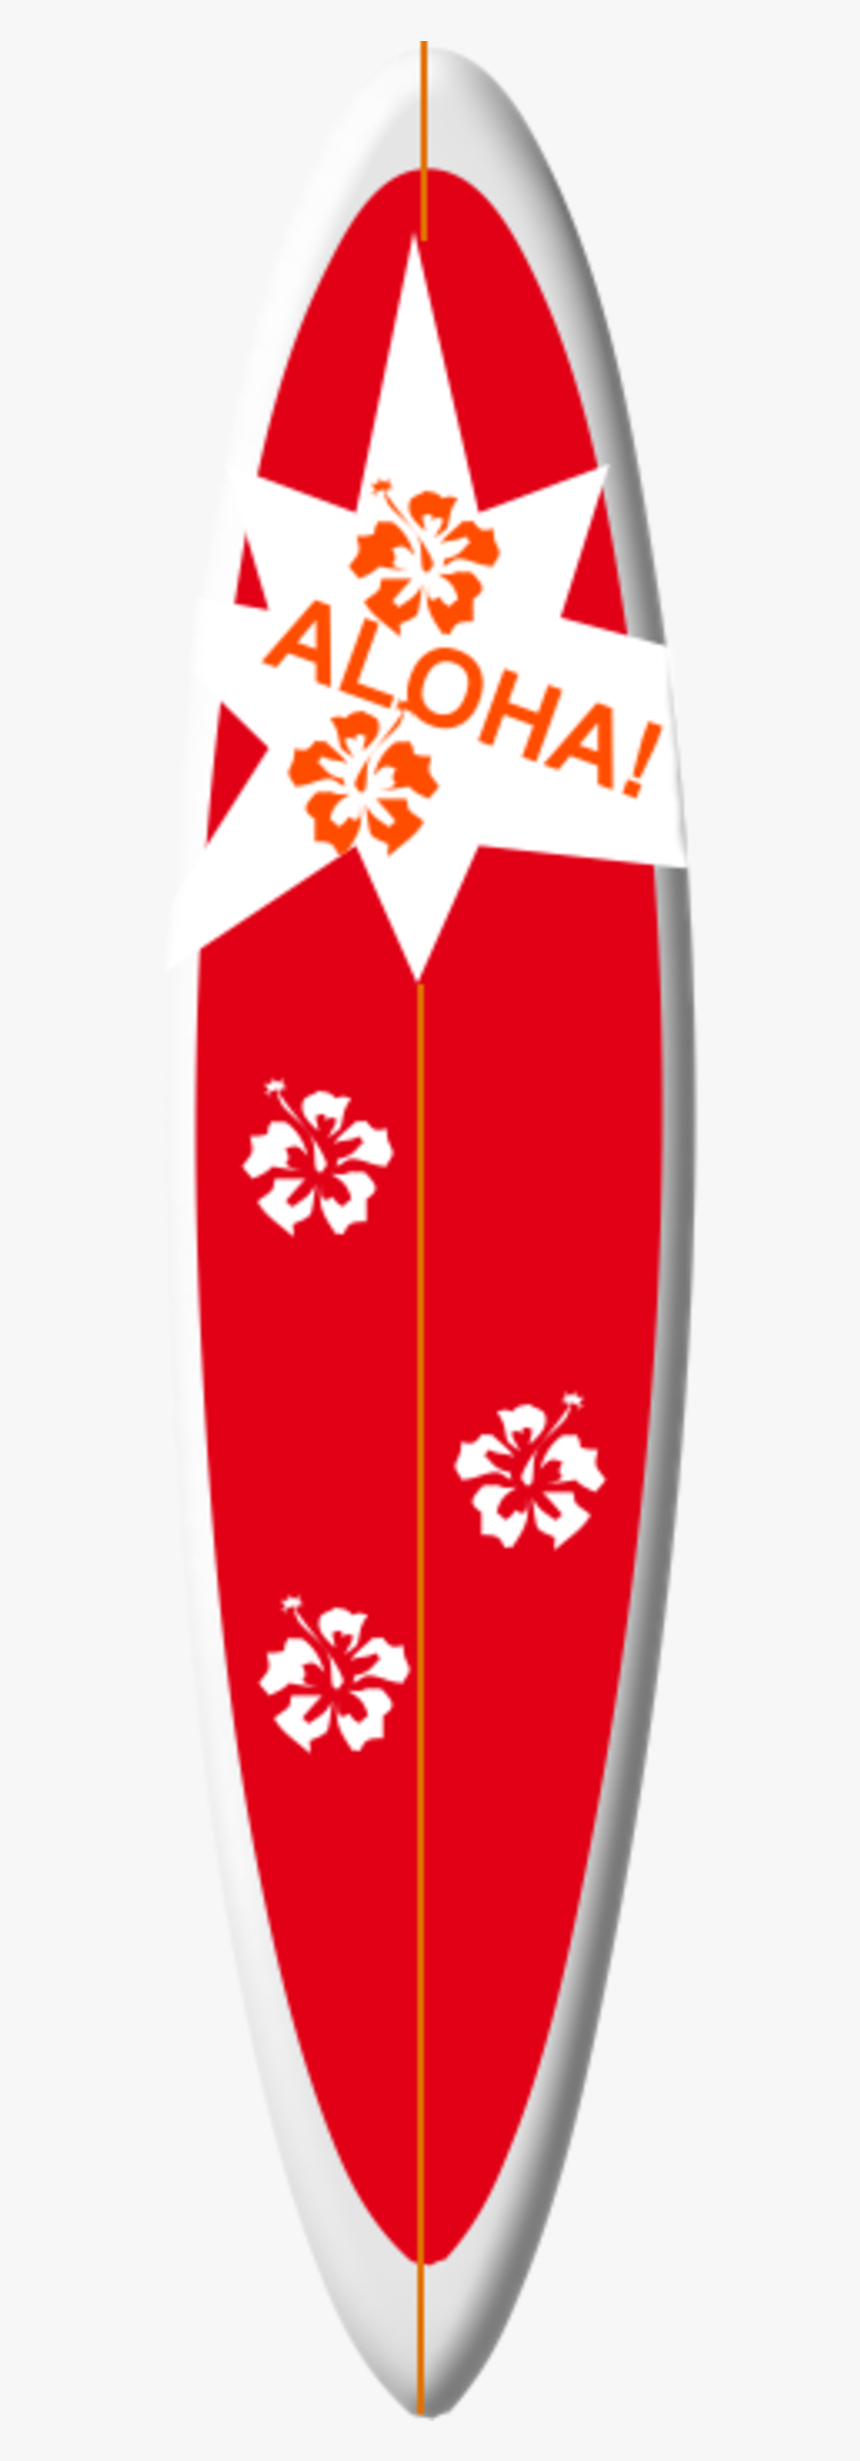 Planche De Surf Hawaii Dessin Hd Png Download Kindpng